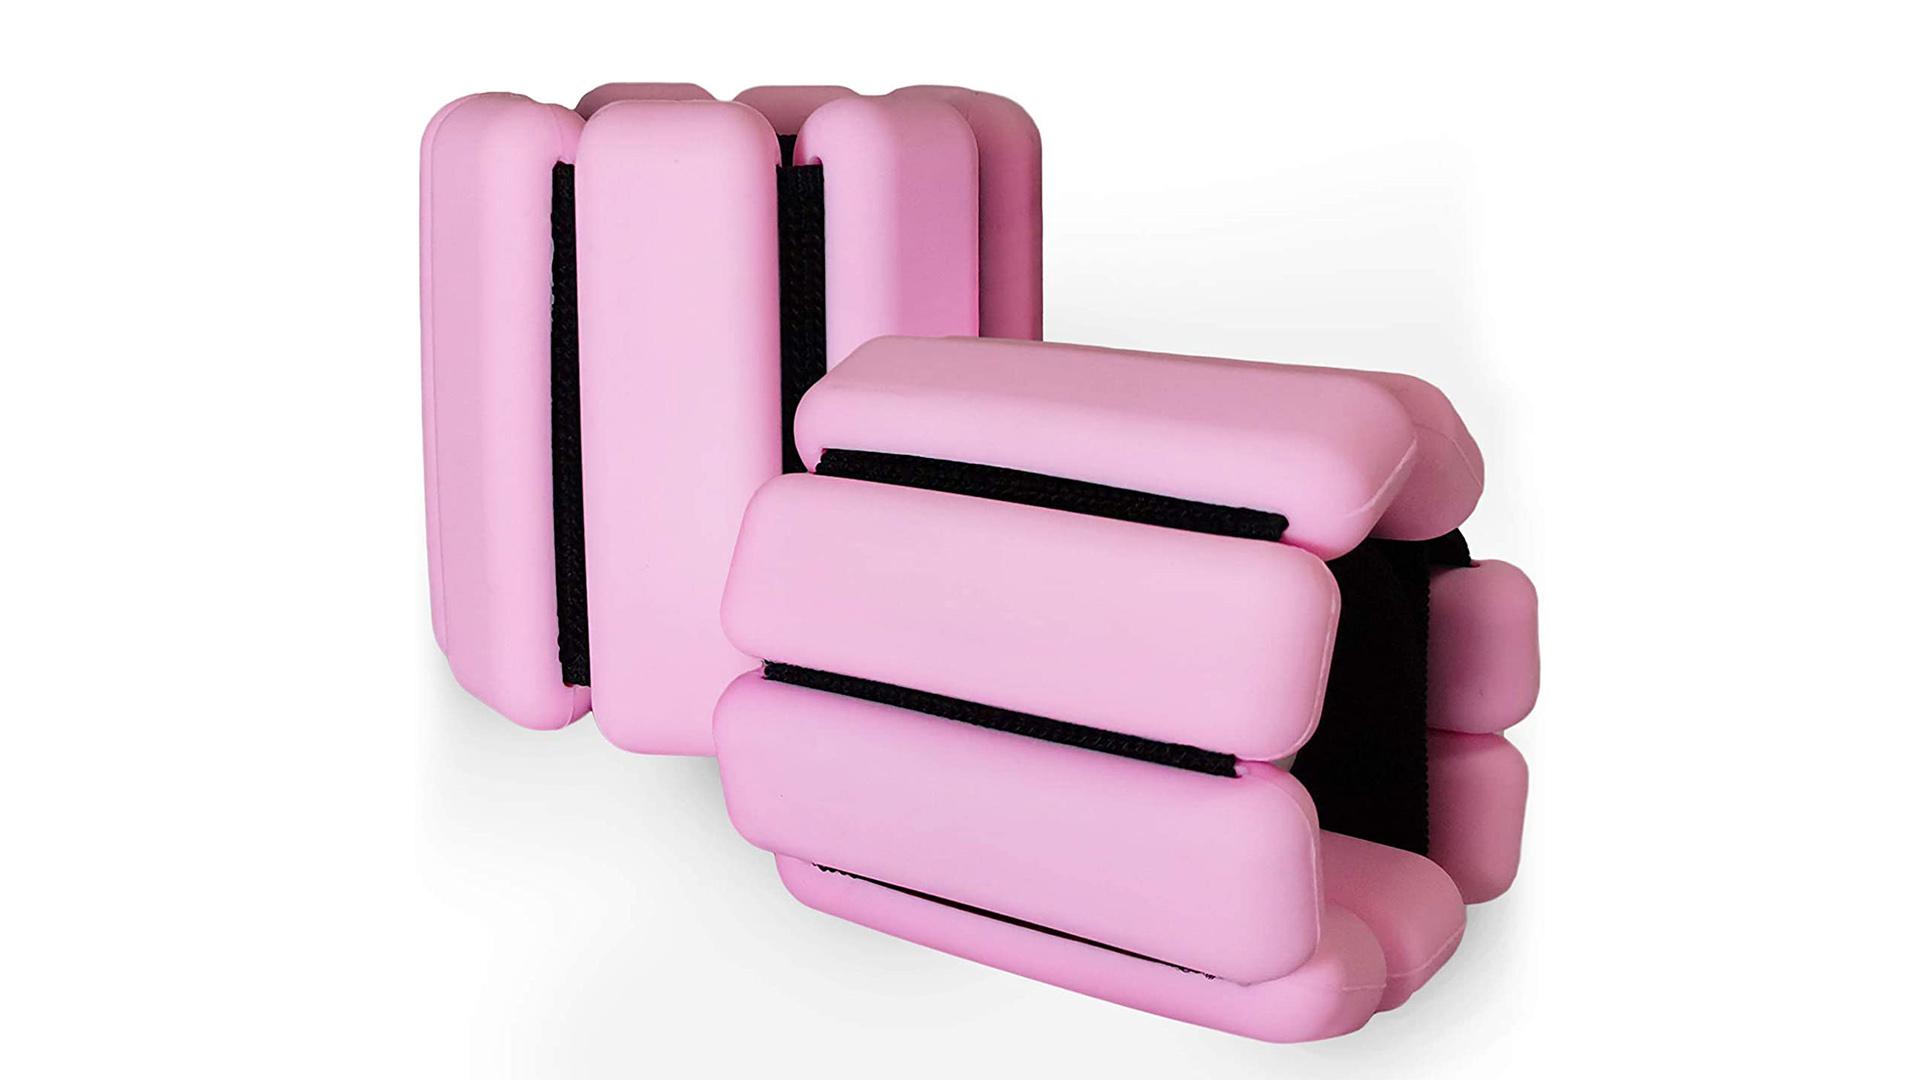 조정 가능한 손목 무게 실리콘 팔찌 팔찌 무게 운동 에어로빅 스포츠 DH-Silicone